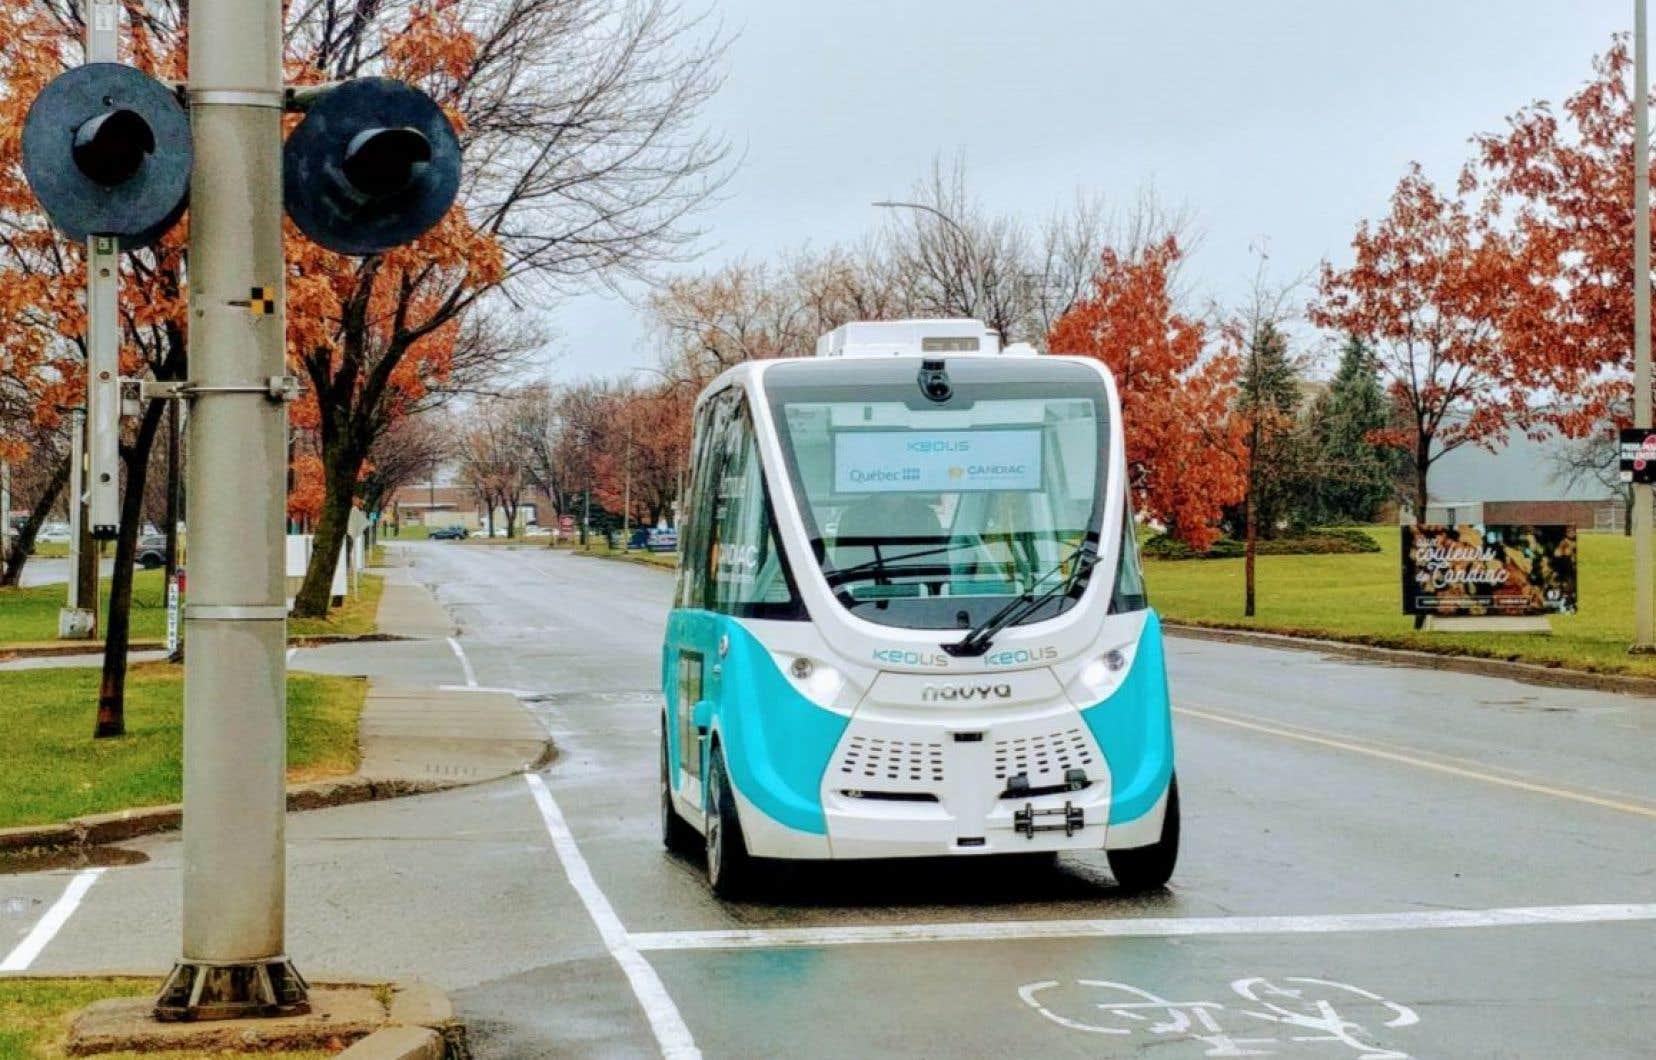 À Candiac, une navette électrique autonome connectée à des feux de signalisation intelligents circule sur un parcours de deux kilomètres depuis 2018.